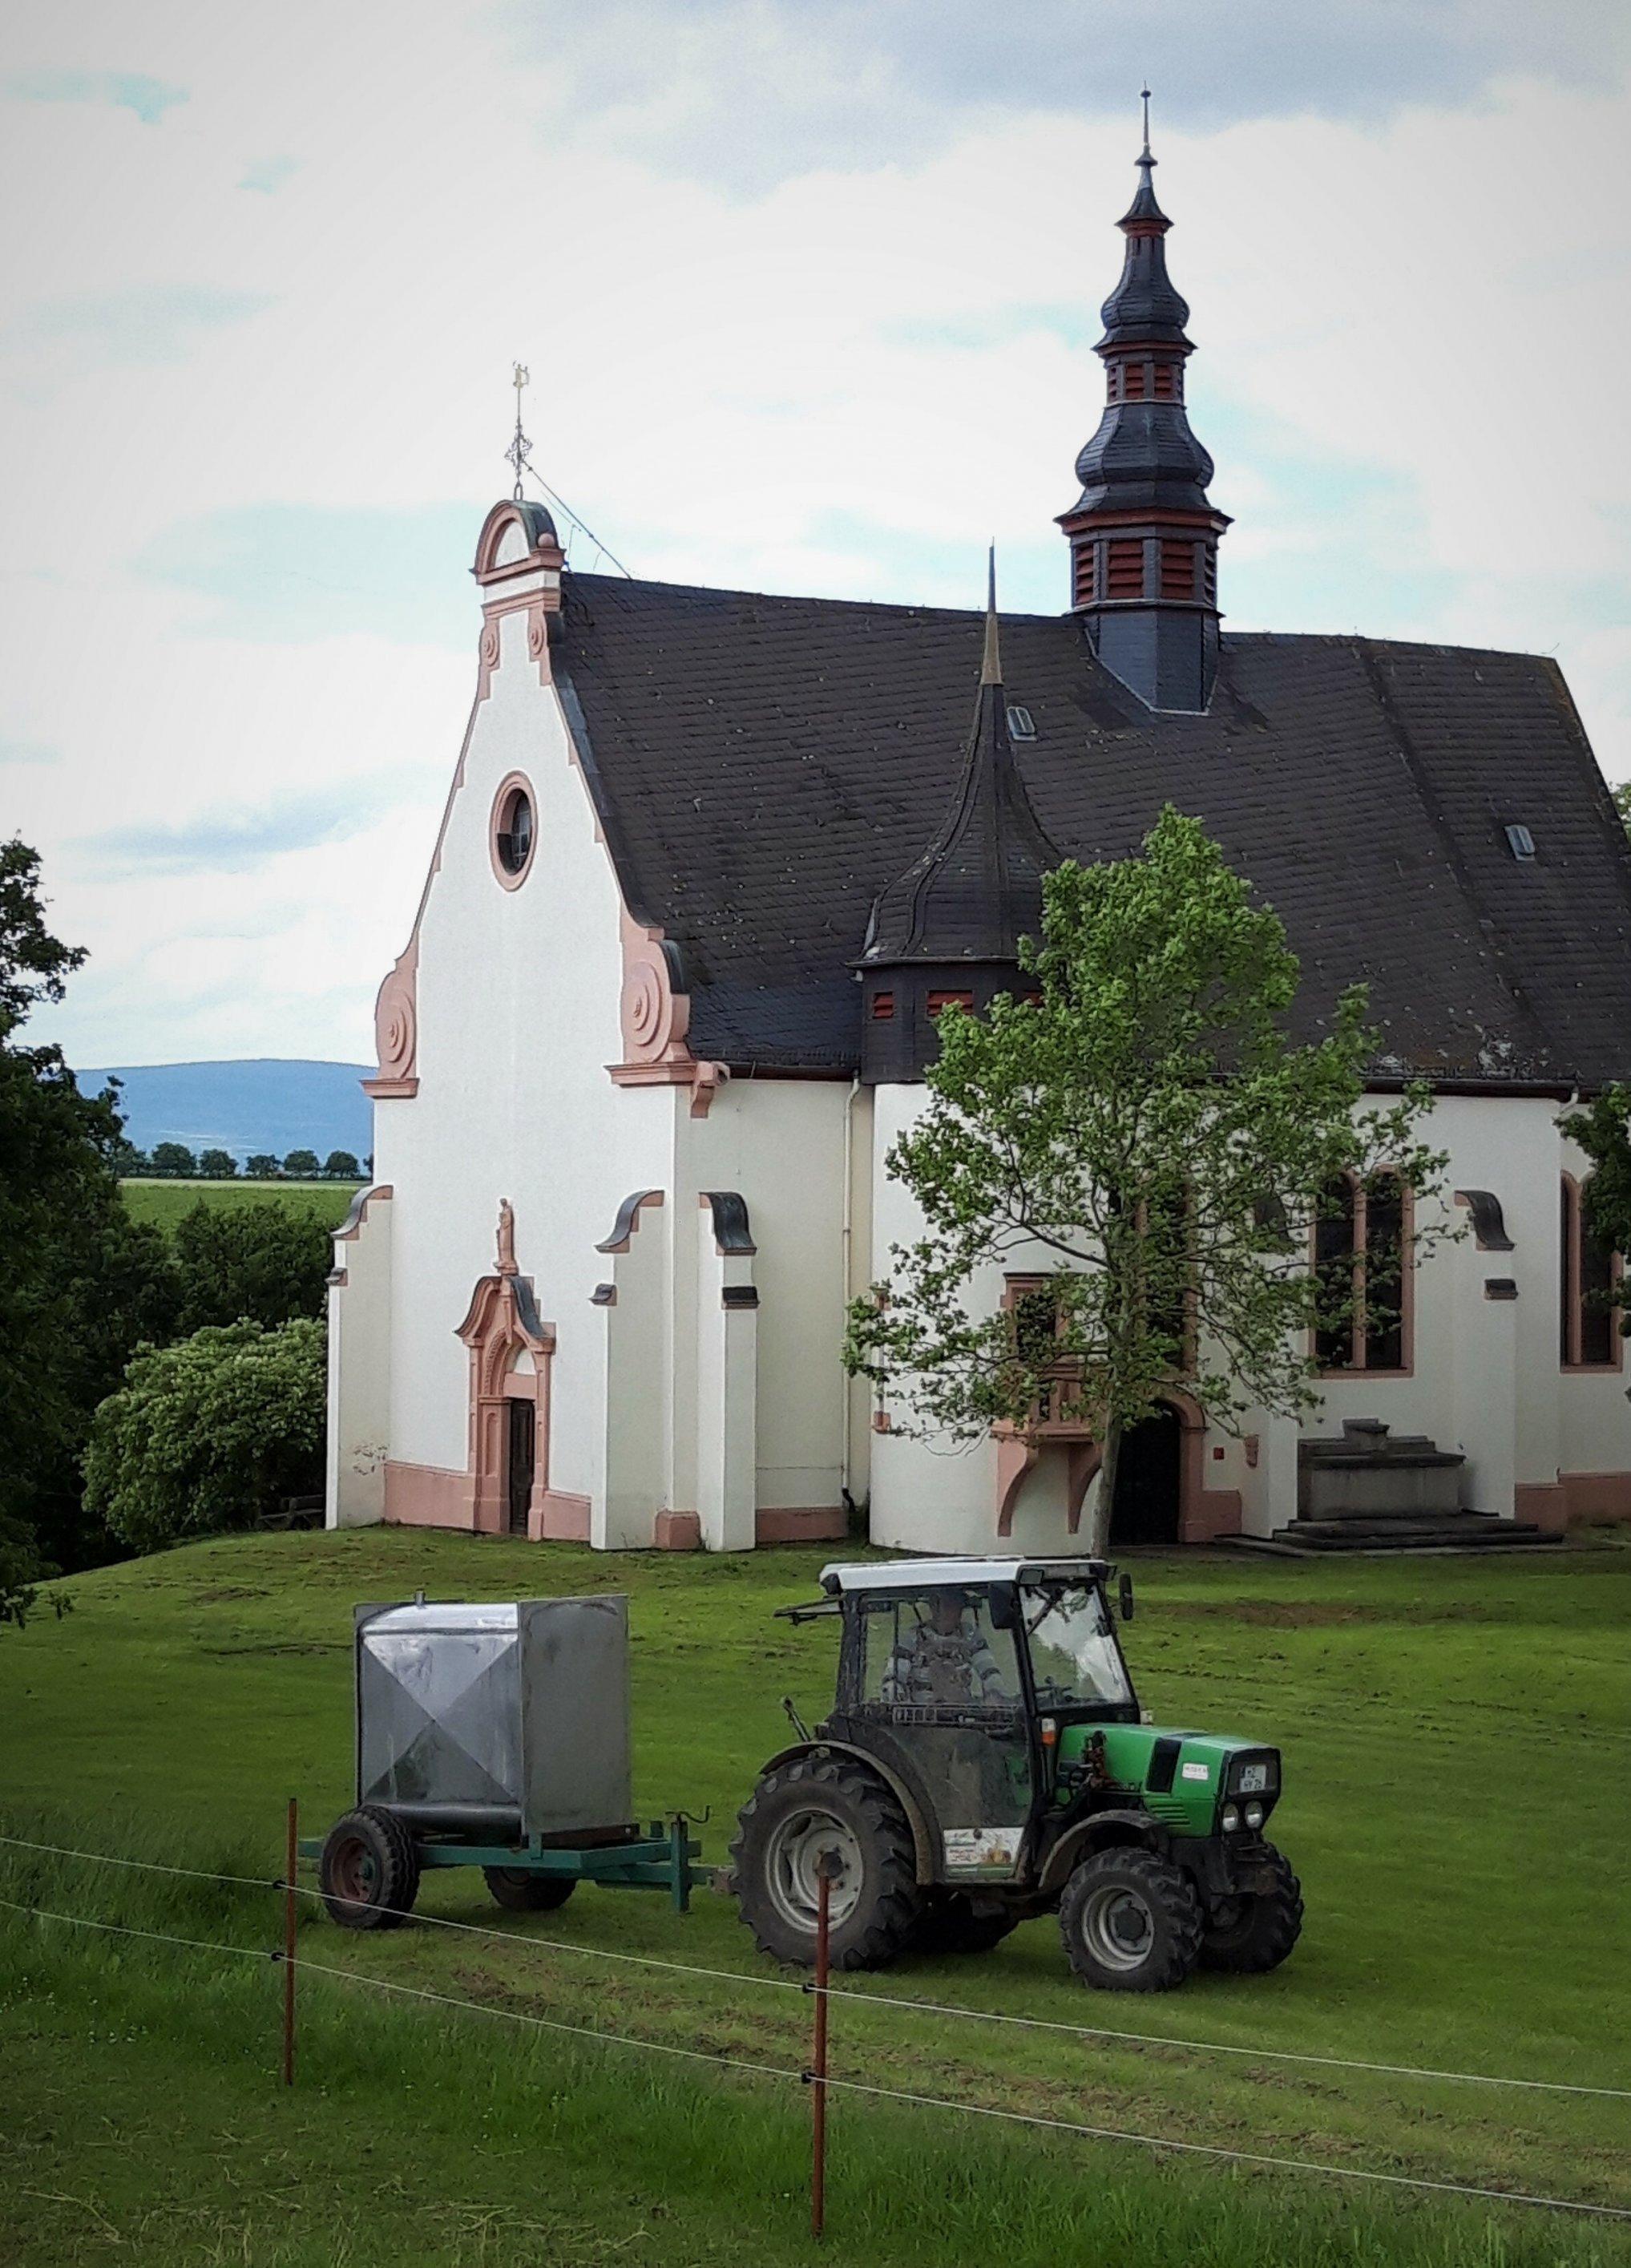 Eine kleine Barockkirche auf einer Anhöhe, umrahmt von einer Wiese, auf der ein kleiner Traktor unterwegs ist.